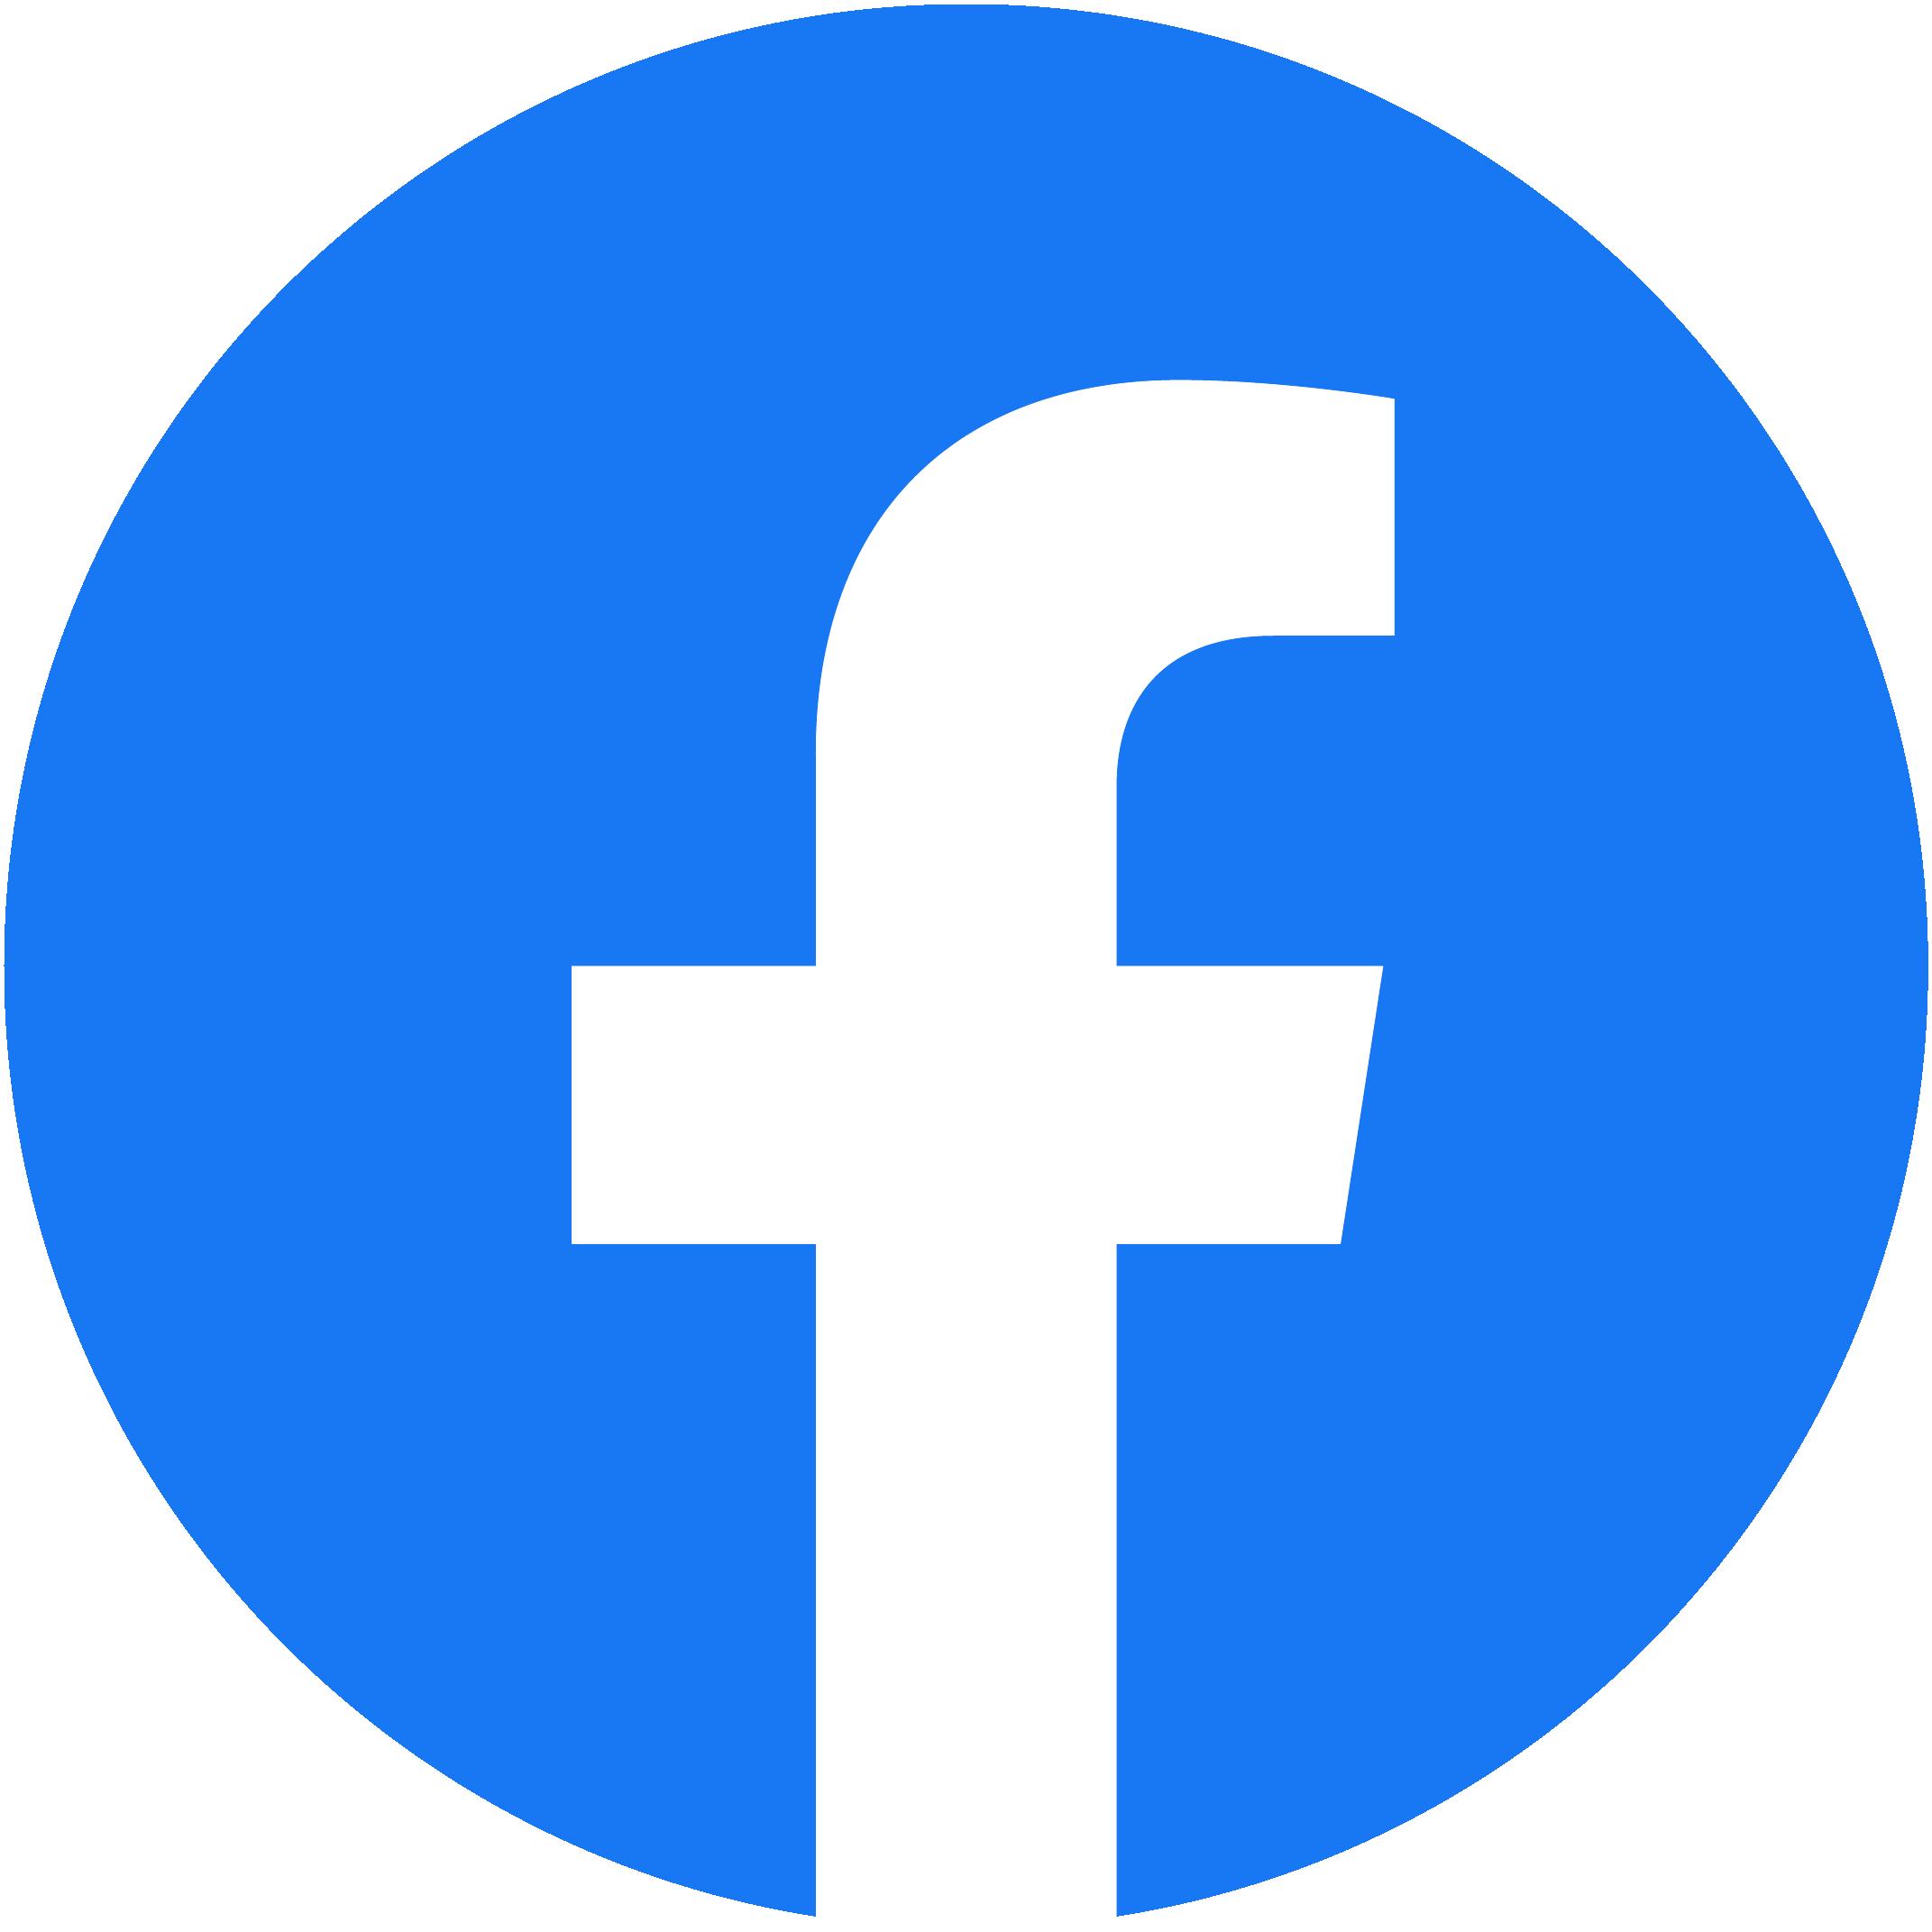 Lien pour accéder à la page Facebook